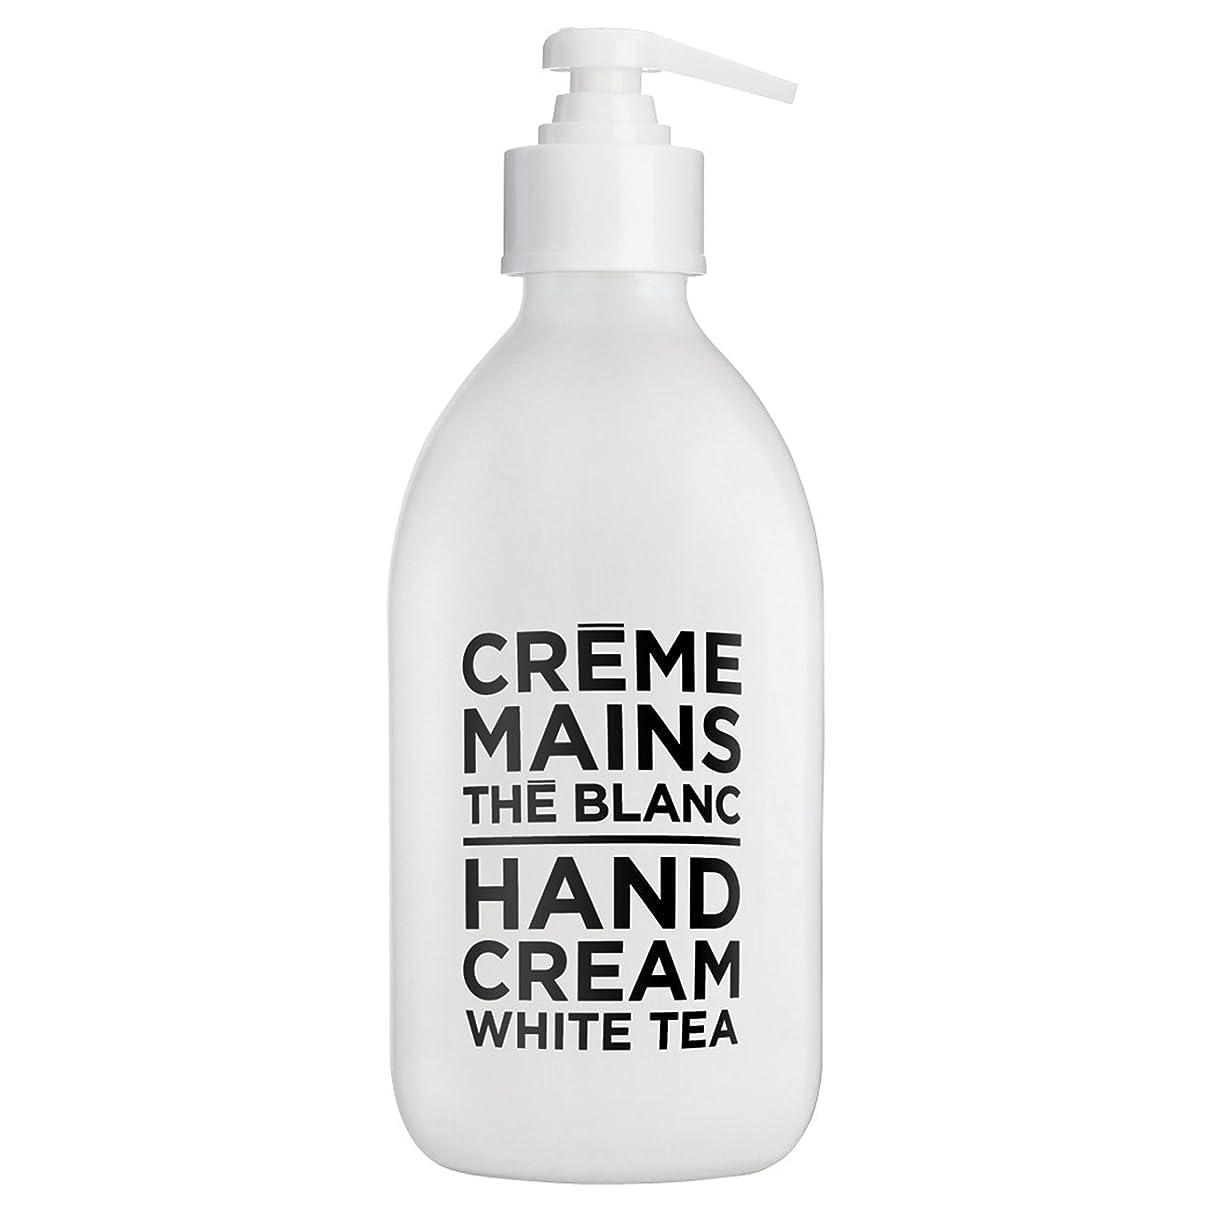 データベース詐欺難しいカンパニードプロバンス ブラック&ホワイト ハンドクリーム ホワイトティー(ホワイトティーにシトラスを添えた気品ある香り) 300ml